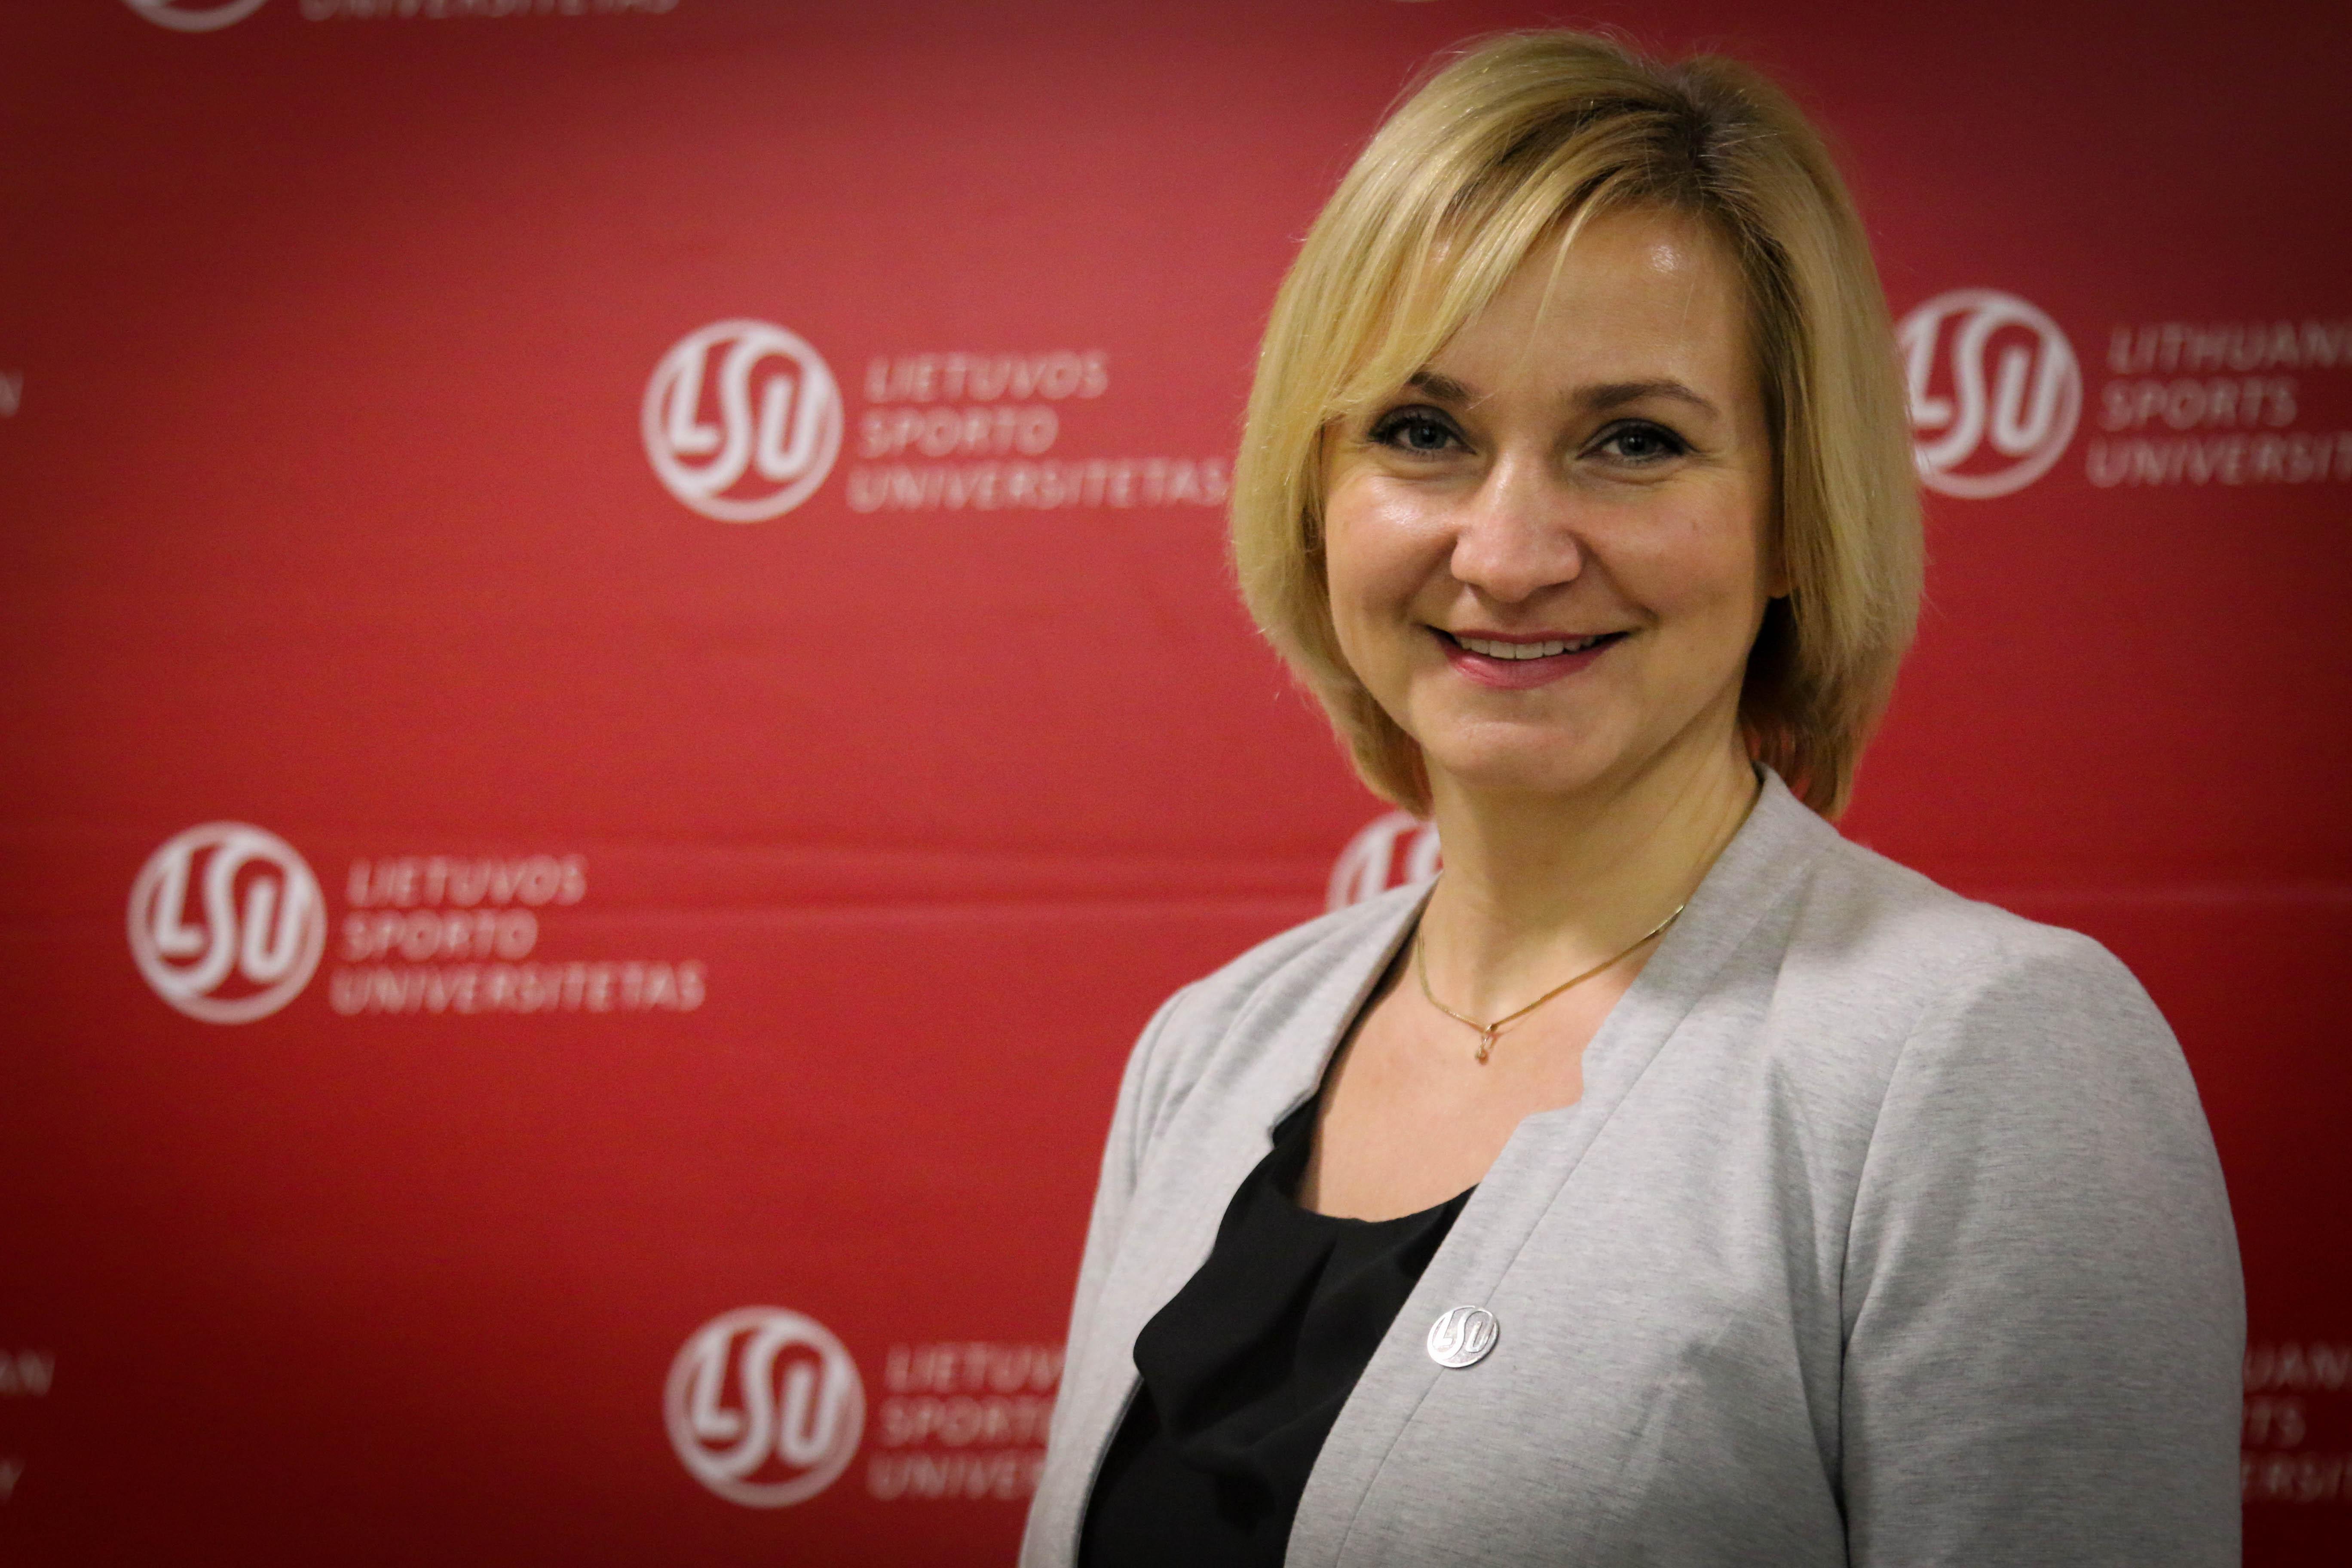 Lithuanian female